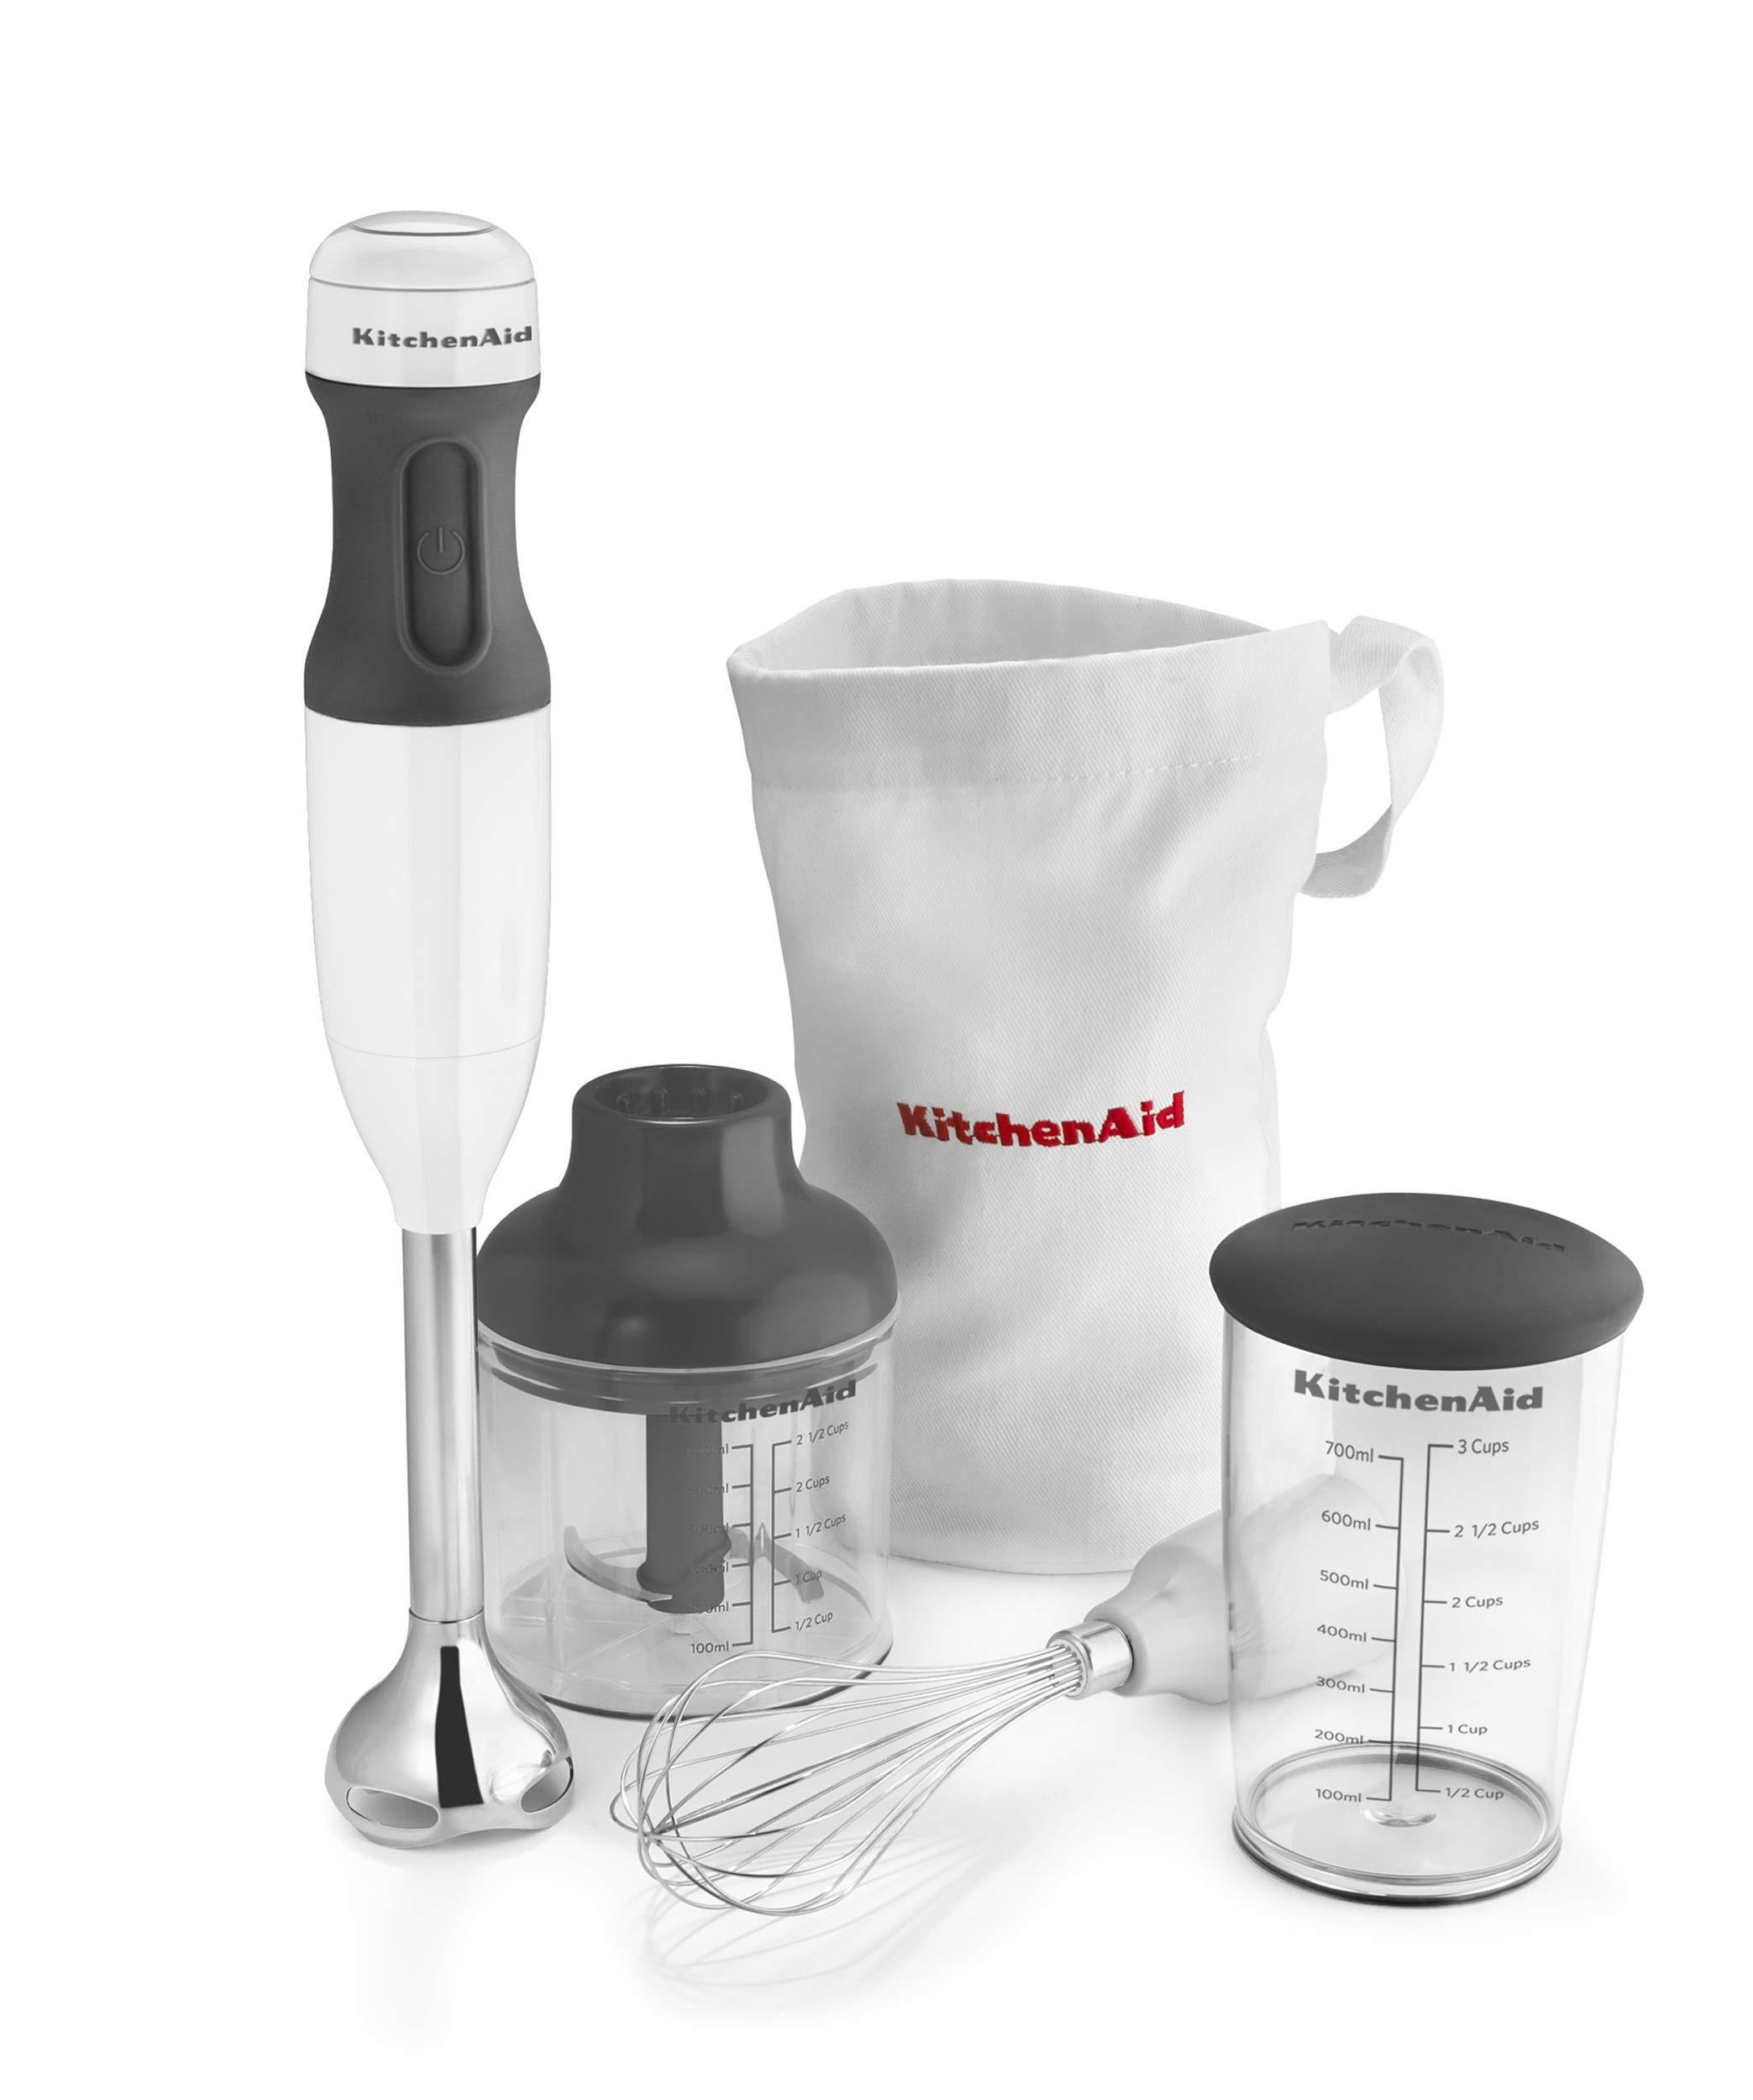 KitchenAid KHB2351WH Pro Line Hand Blender, 2 Speed, White